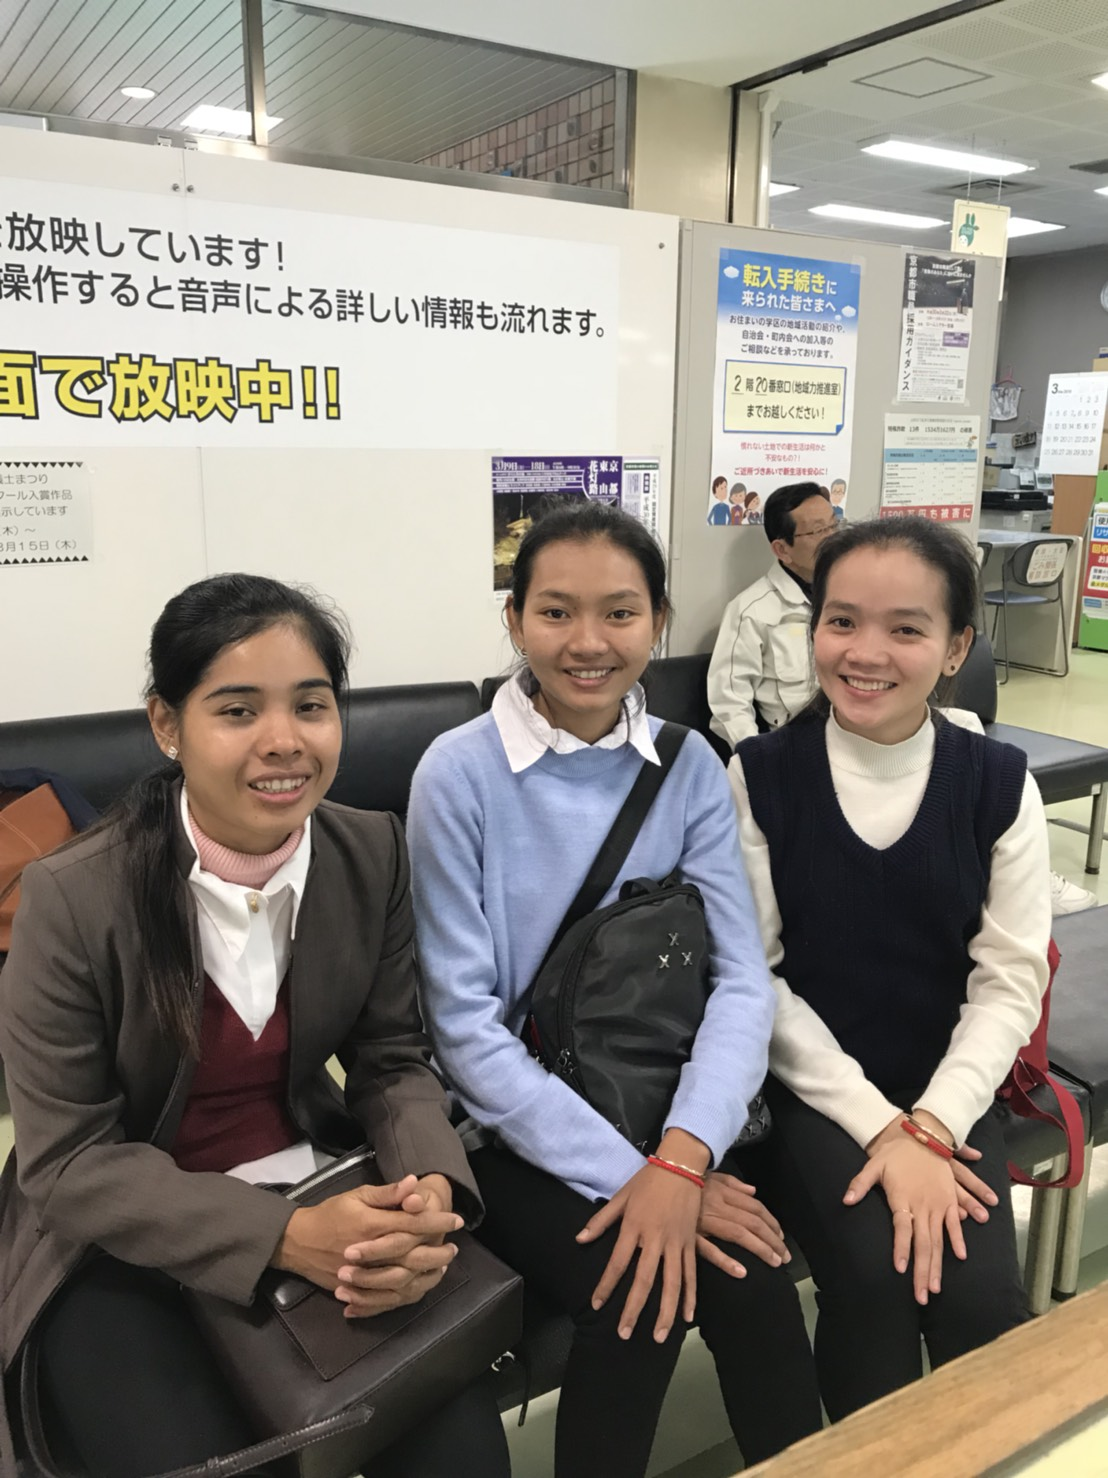 カンボジア技能実習生が企業様へ配属となりました。